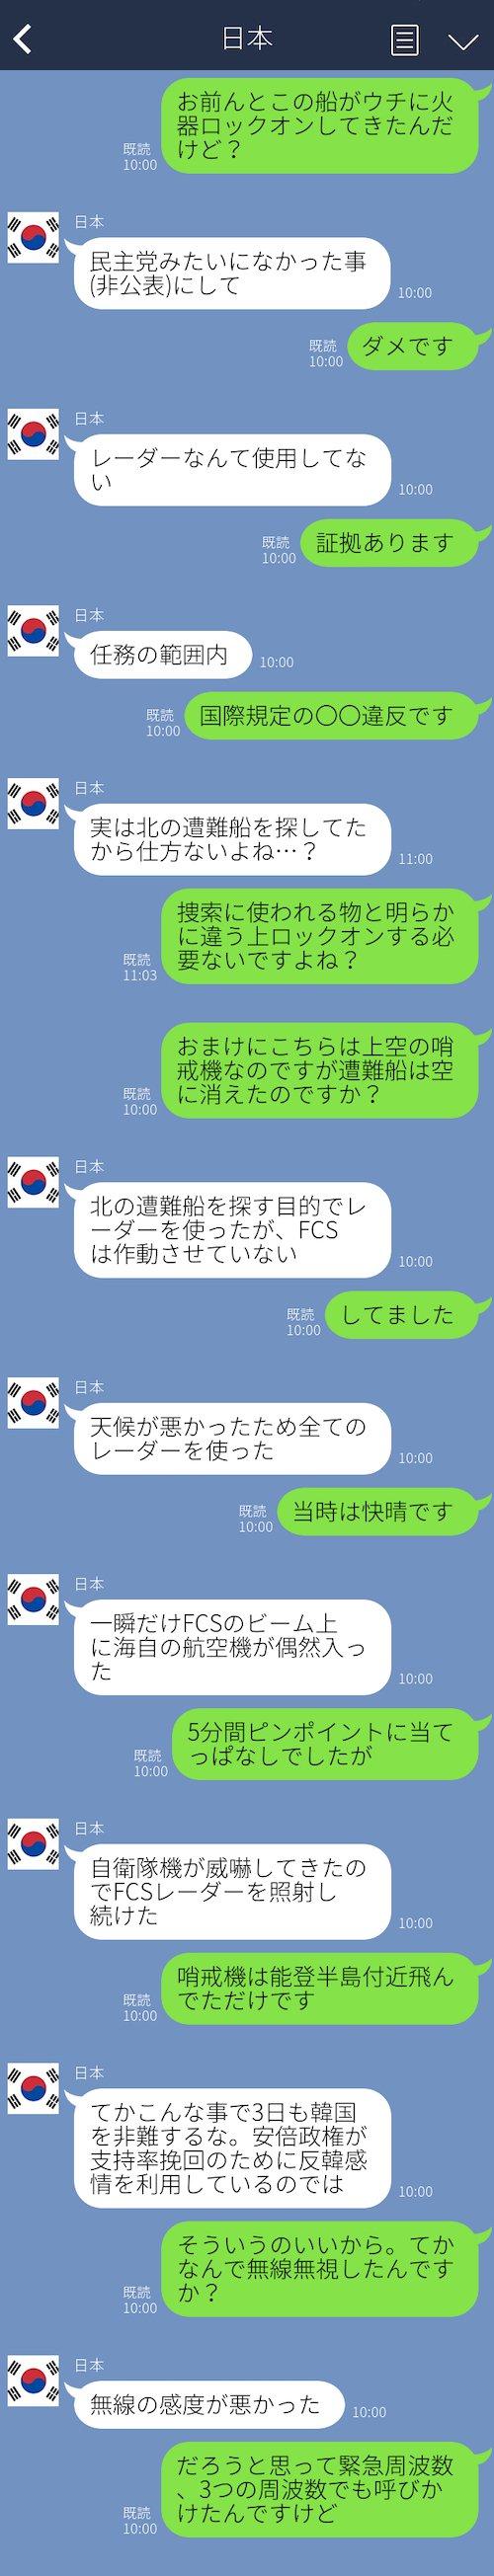 韓国軍レーダー照射